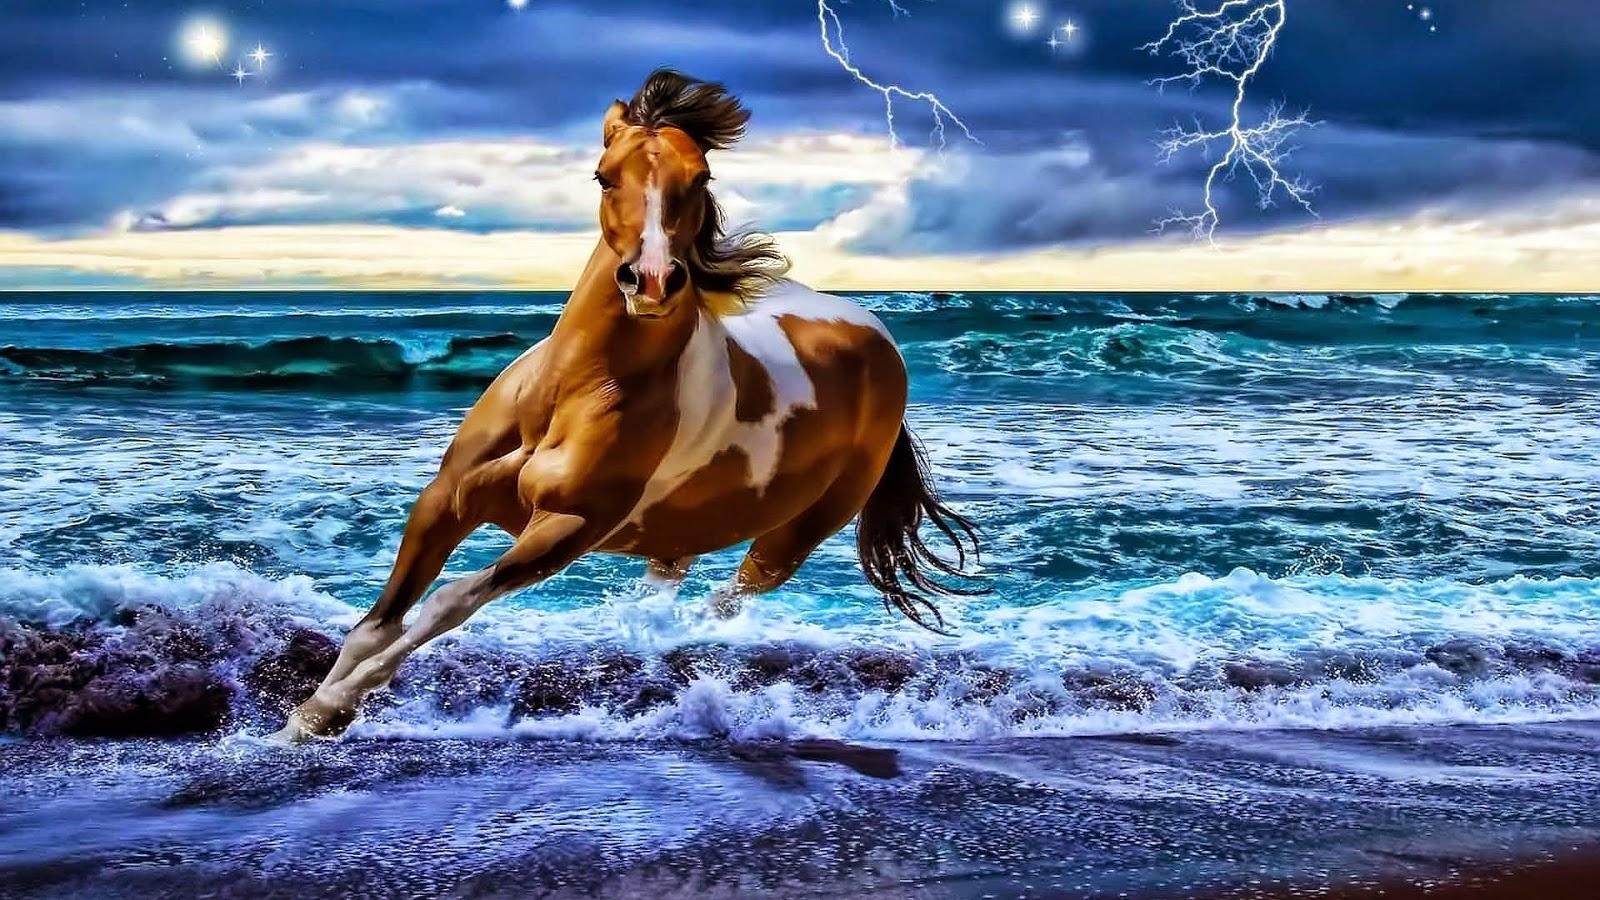 Must see   Wallpaper Horse Ocean - fantasy_horse_in_sea_sky  Gallery_68467.jpg